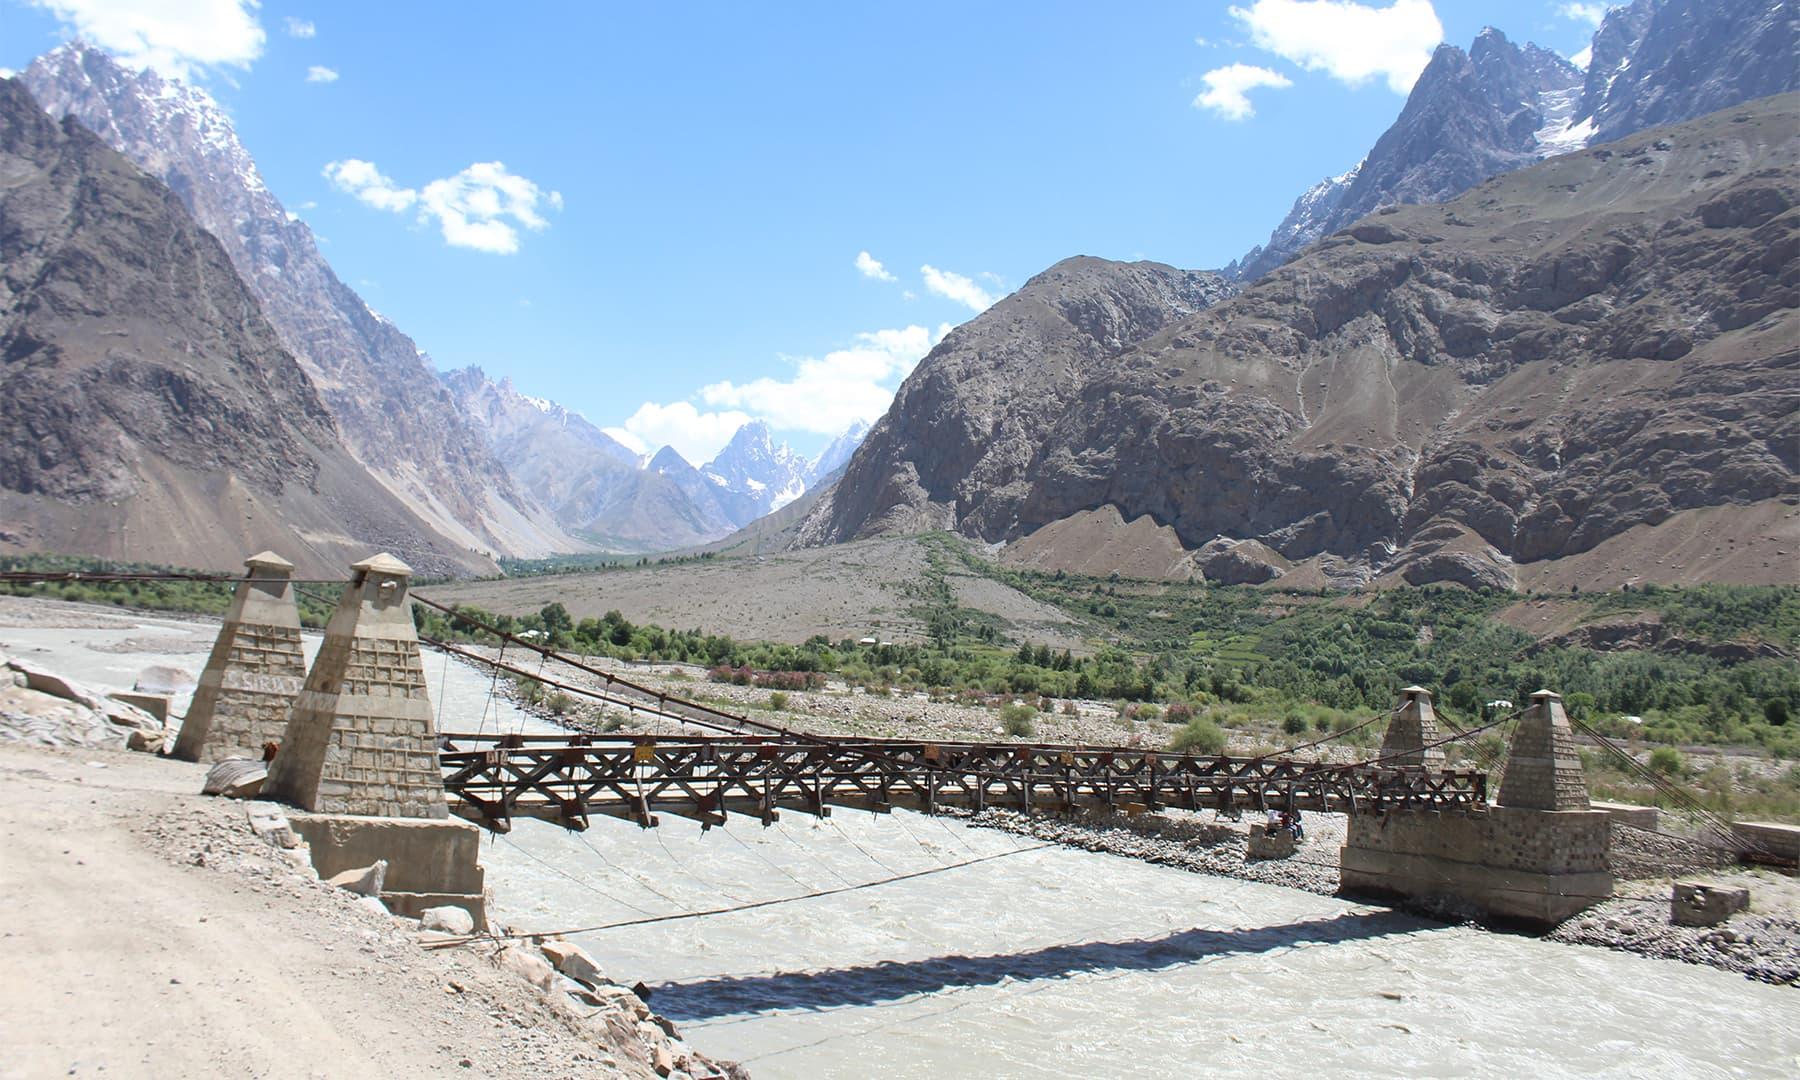 دریائے یارخون پر قائم پل